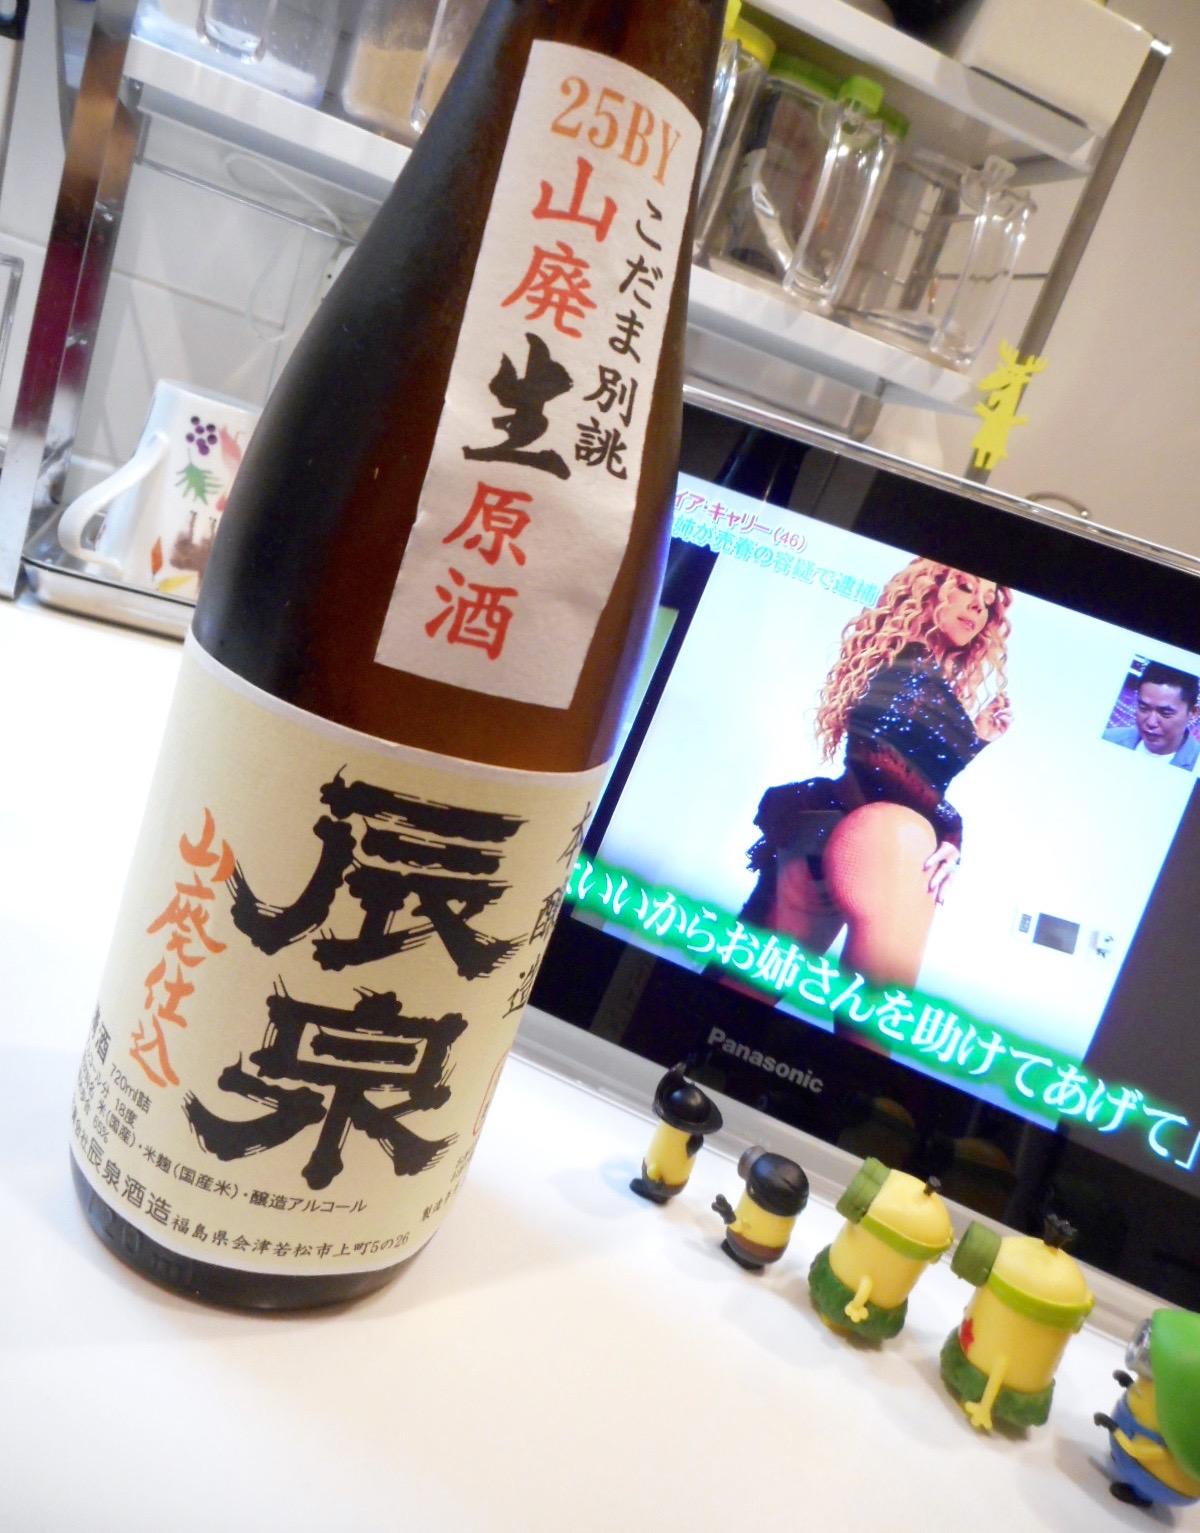 tatsuizumi_yamahai_honjouzou_kodama25by3.jpg